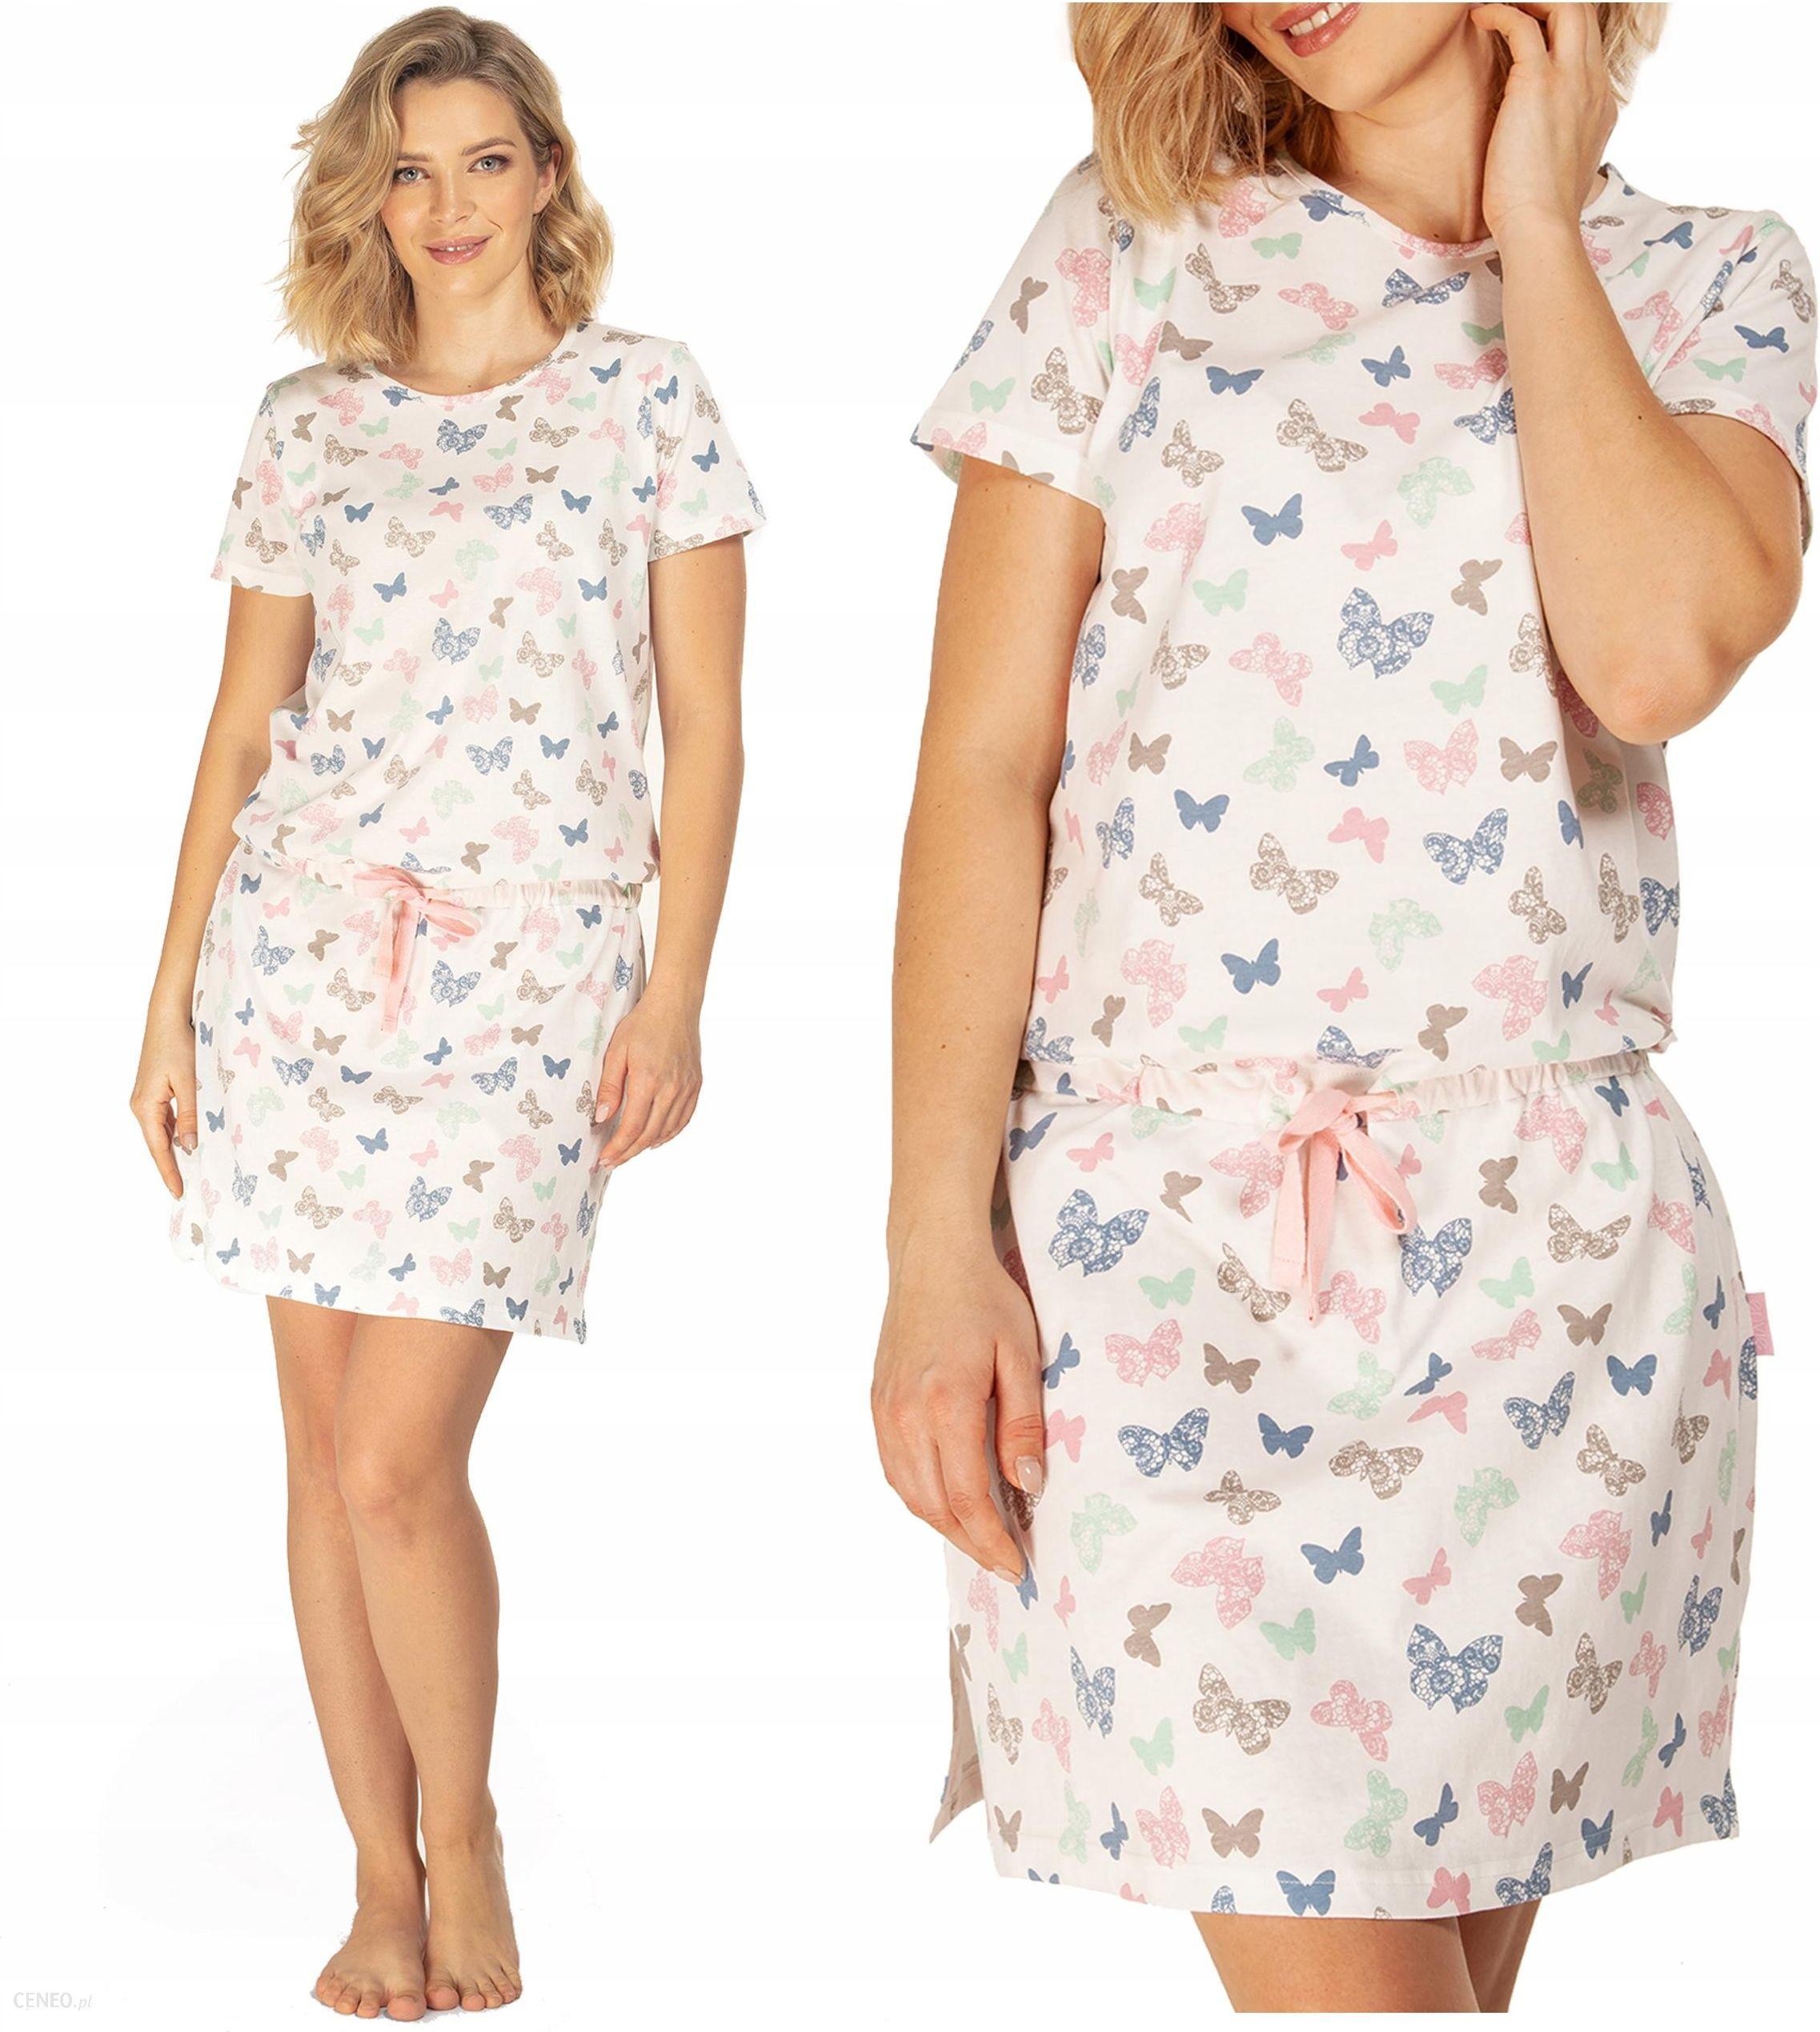 d680ee8298f095 Koszula Nocna Envie Piżama Do Spania Bawełniana M - Ceny i opinie ...